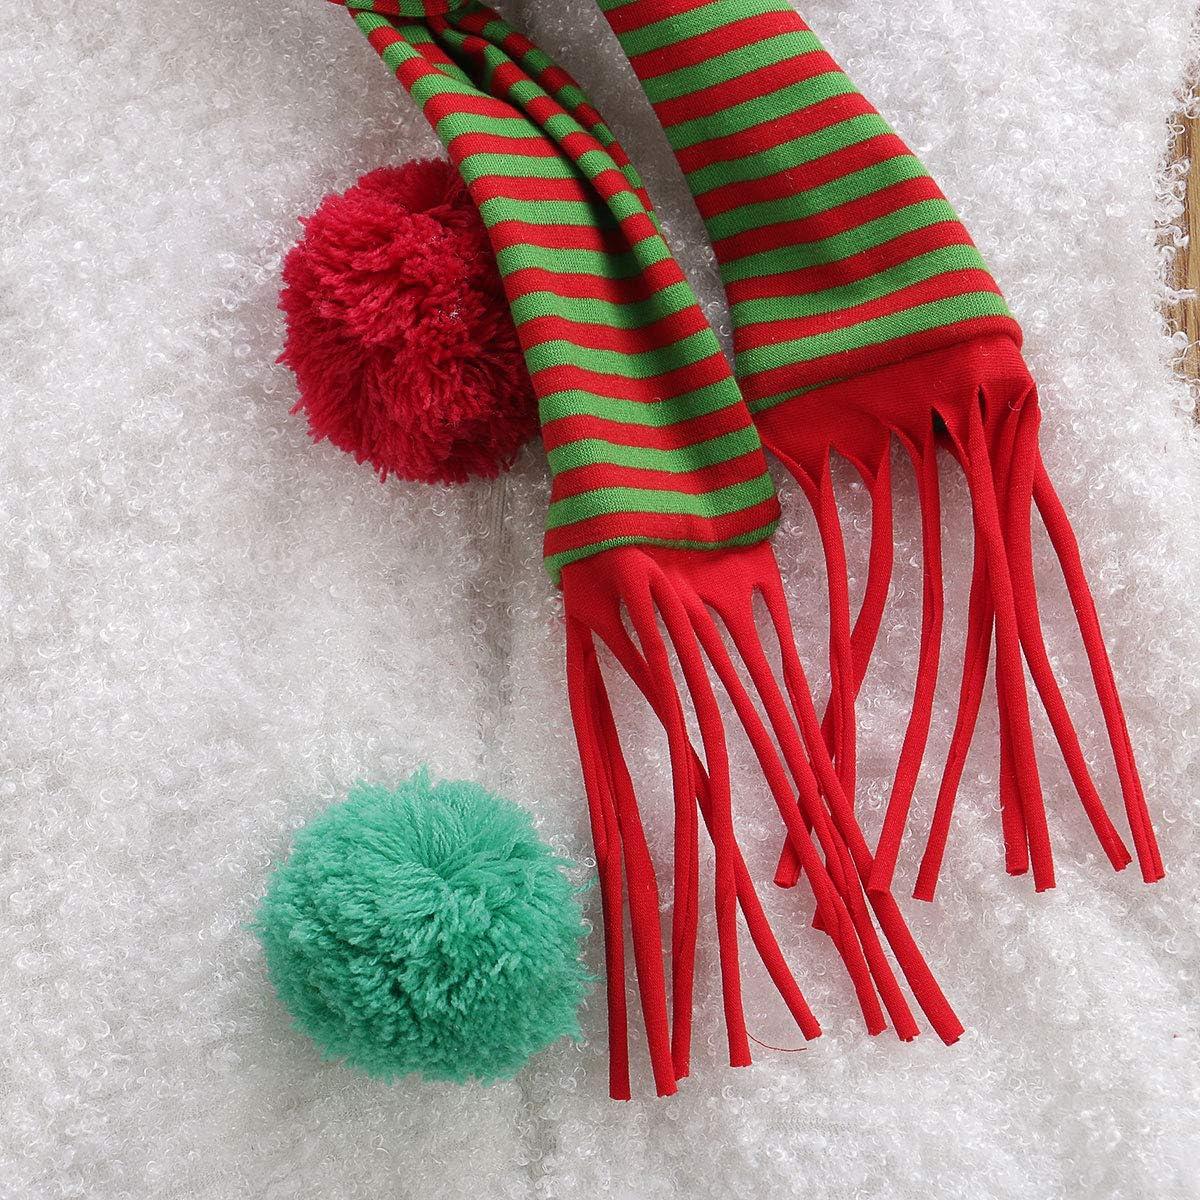 Vavshop Vestito Incappucciato per Cosplay del Pupazzo di Neve del Babbo Natale del Pagliaccetto di Natale del Neonato delle Ragazze del Neonato